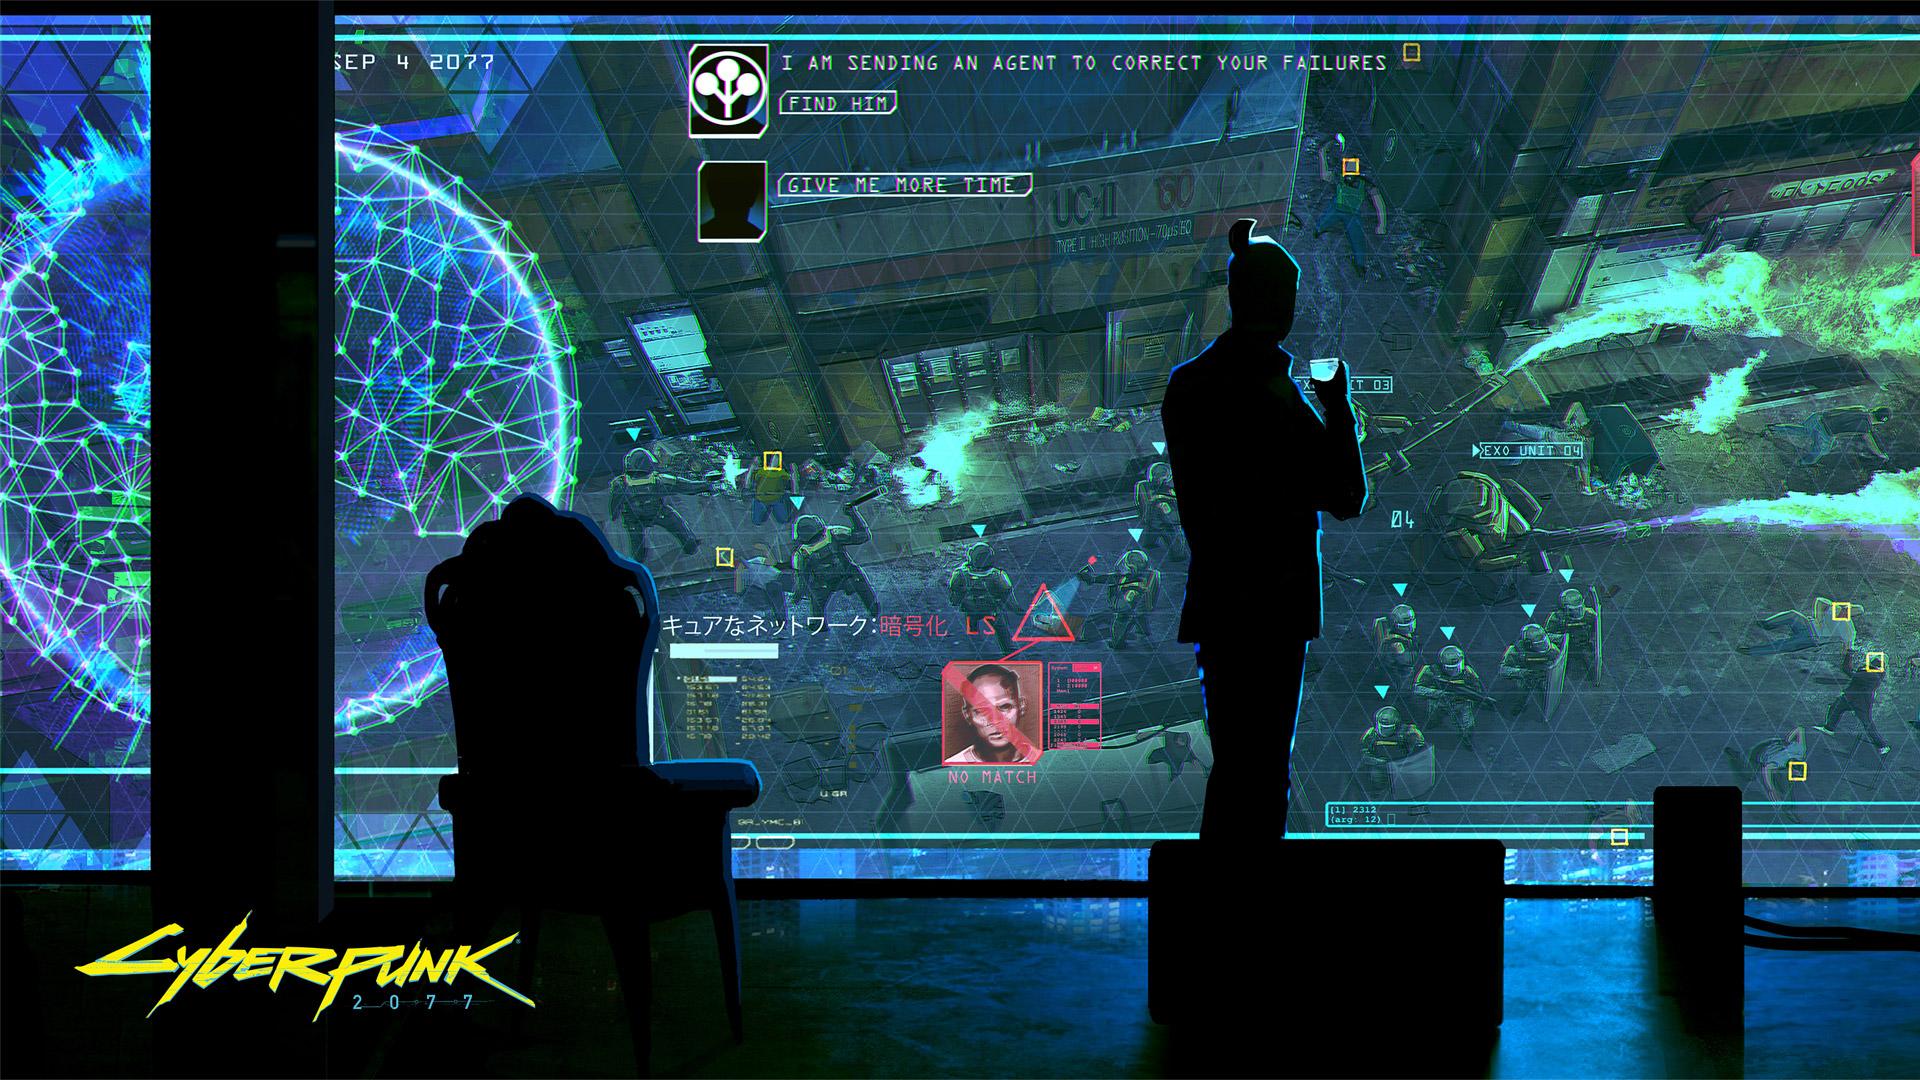 Cyberpunk 2077 Wallpaper in 1920x1080